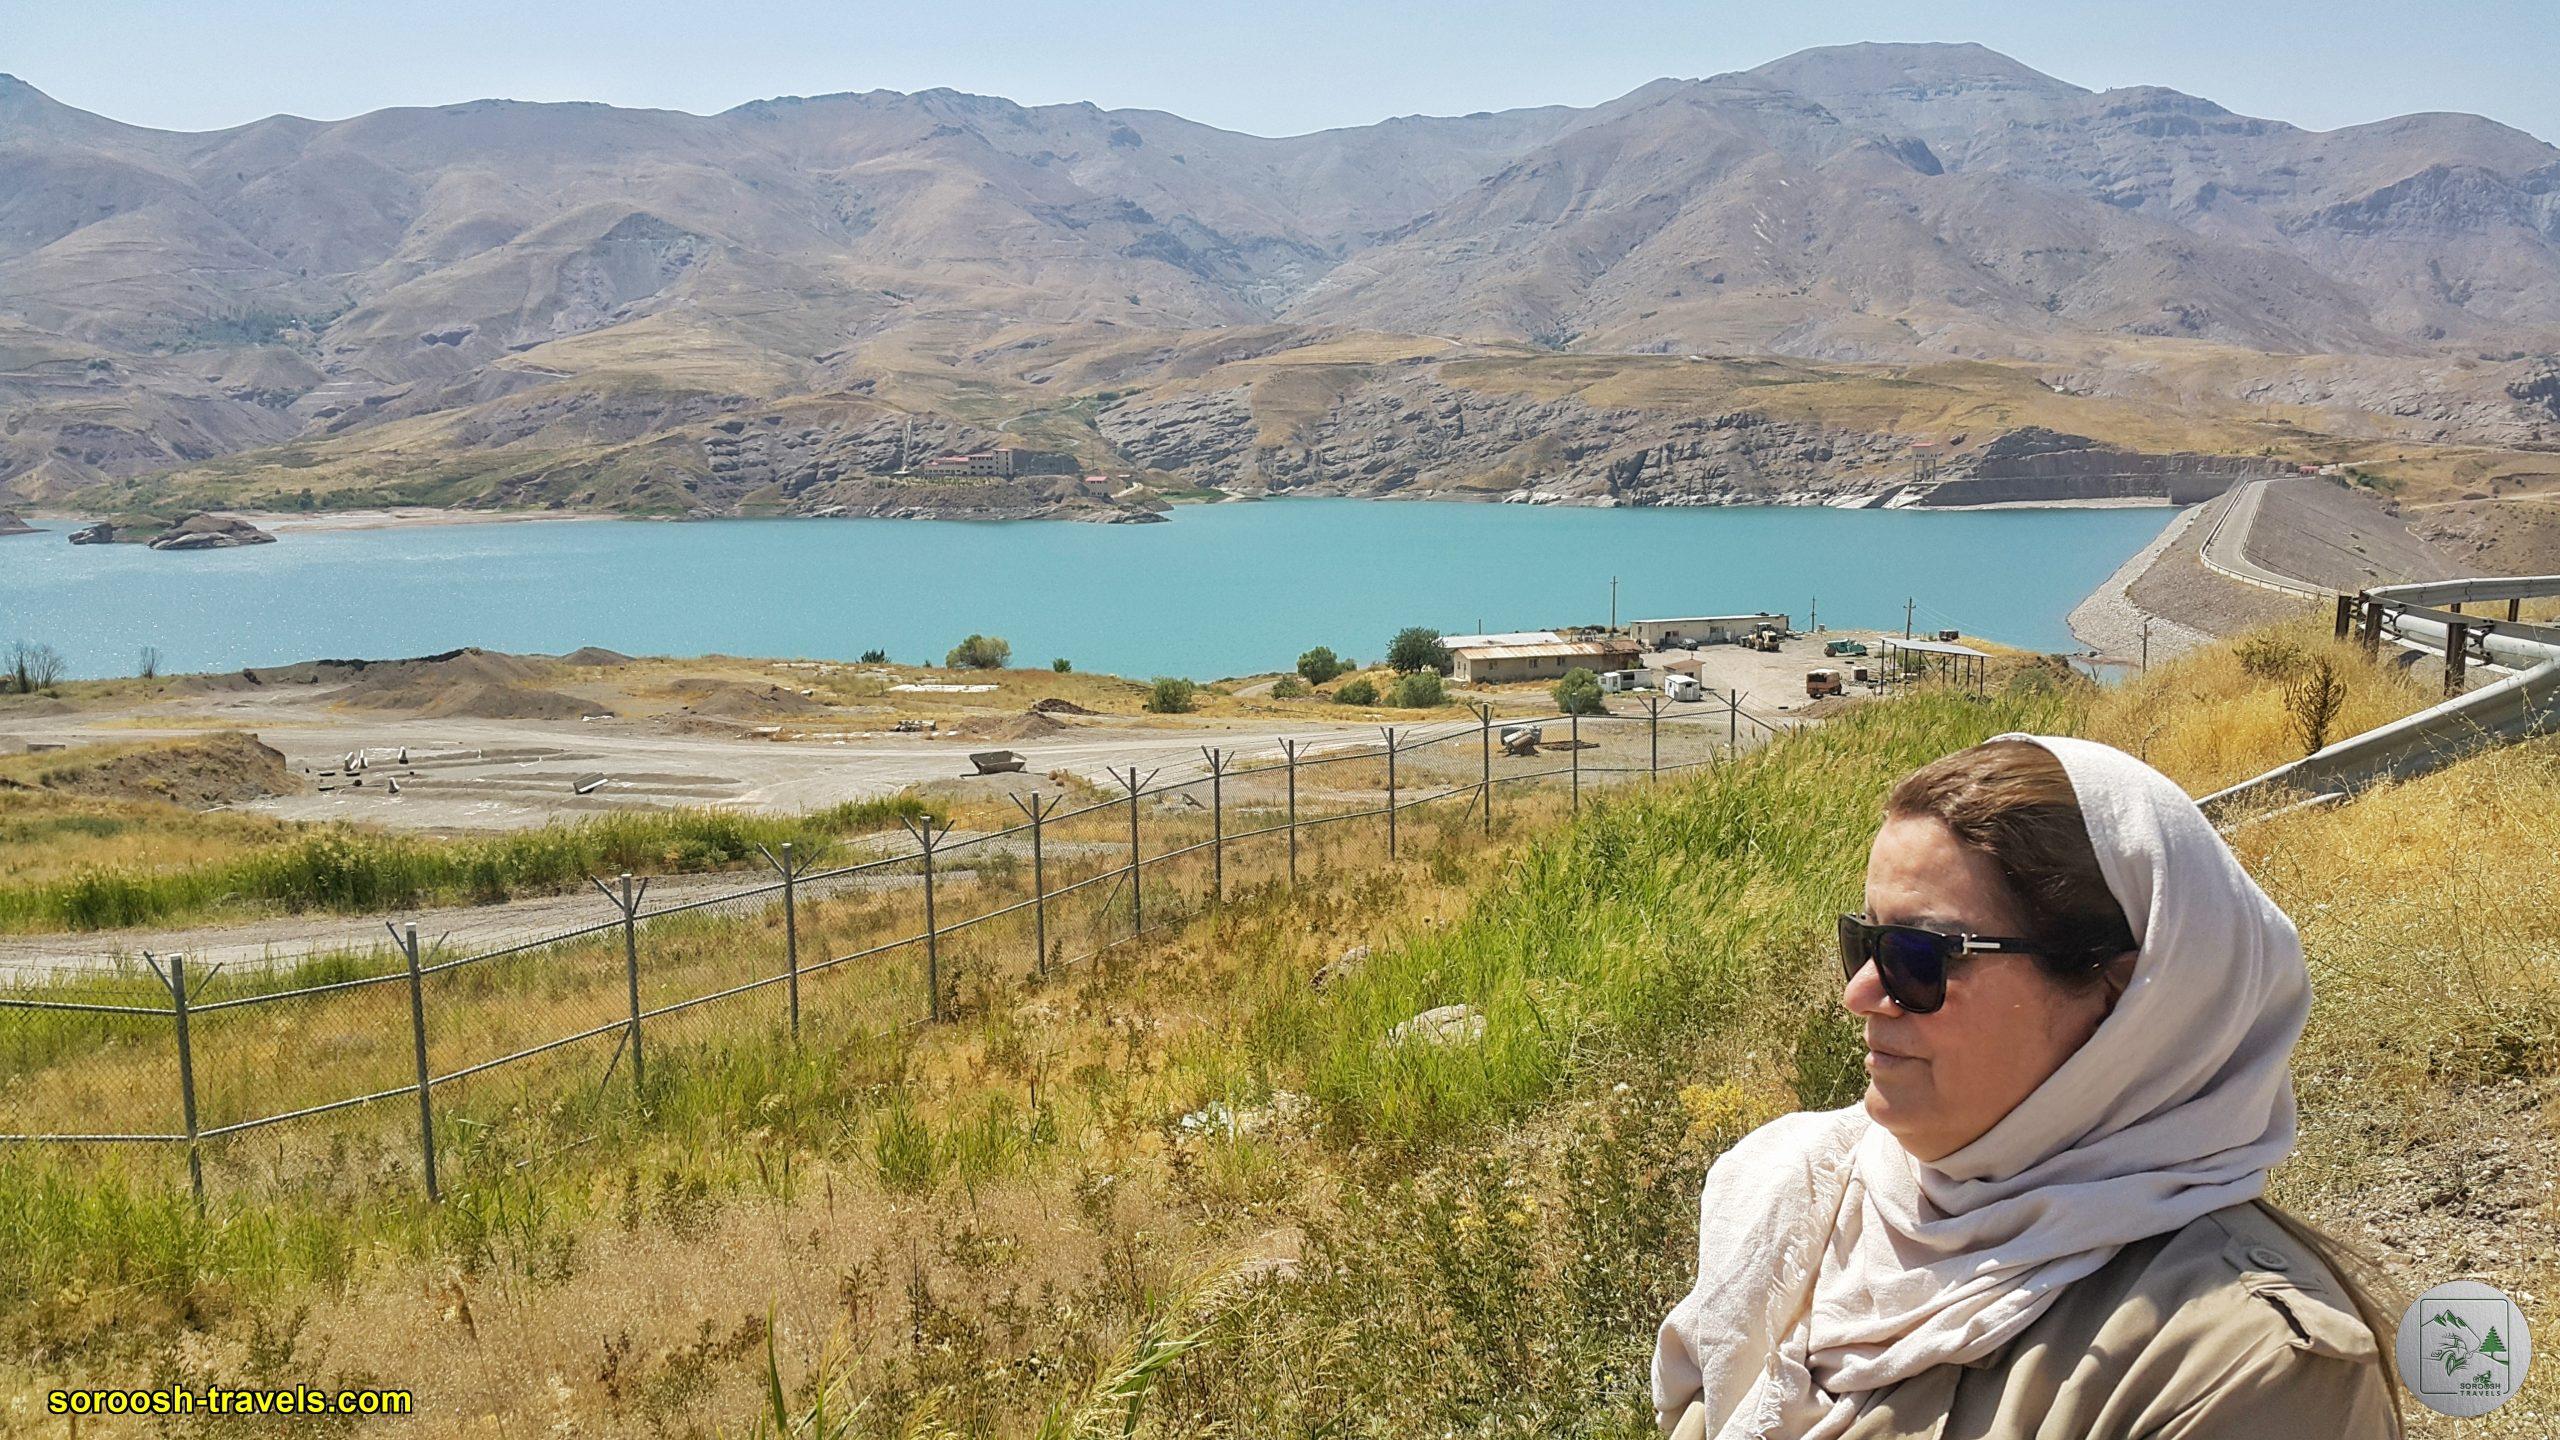 دریاچه سد طالقان - تابستان 1399 2020